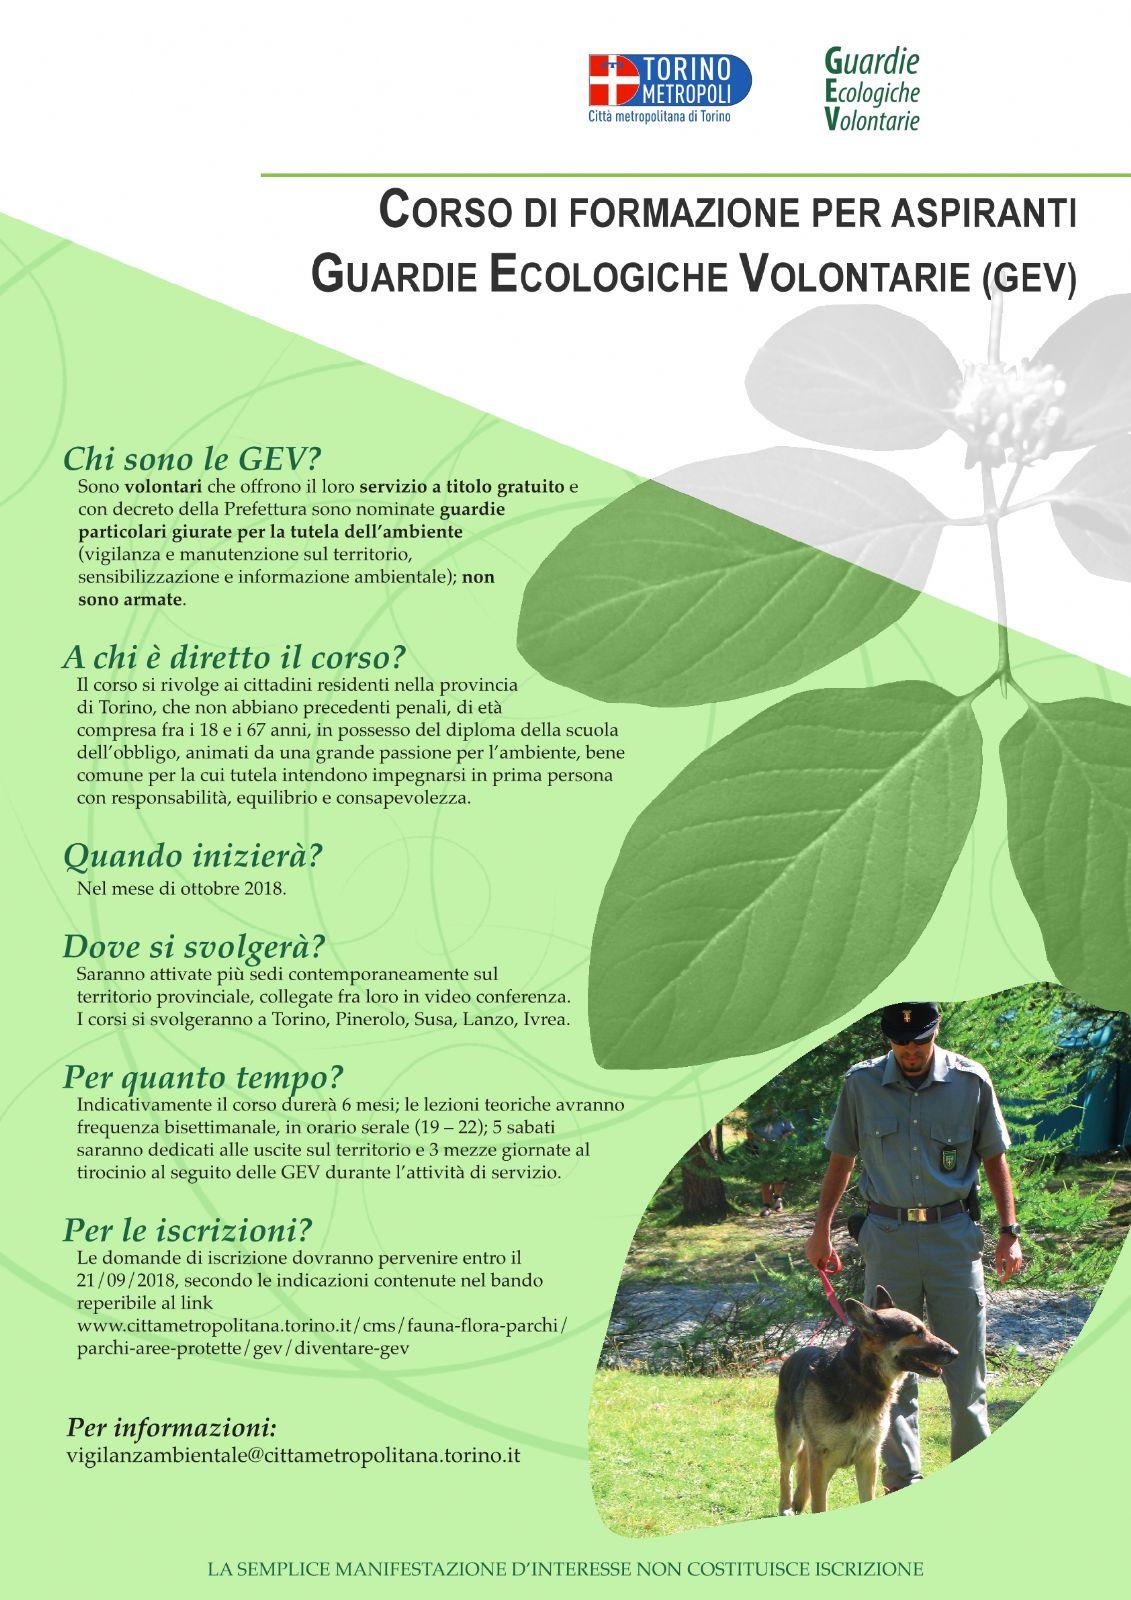 Diventare Guardie Ecologiche Volontarie